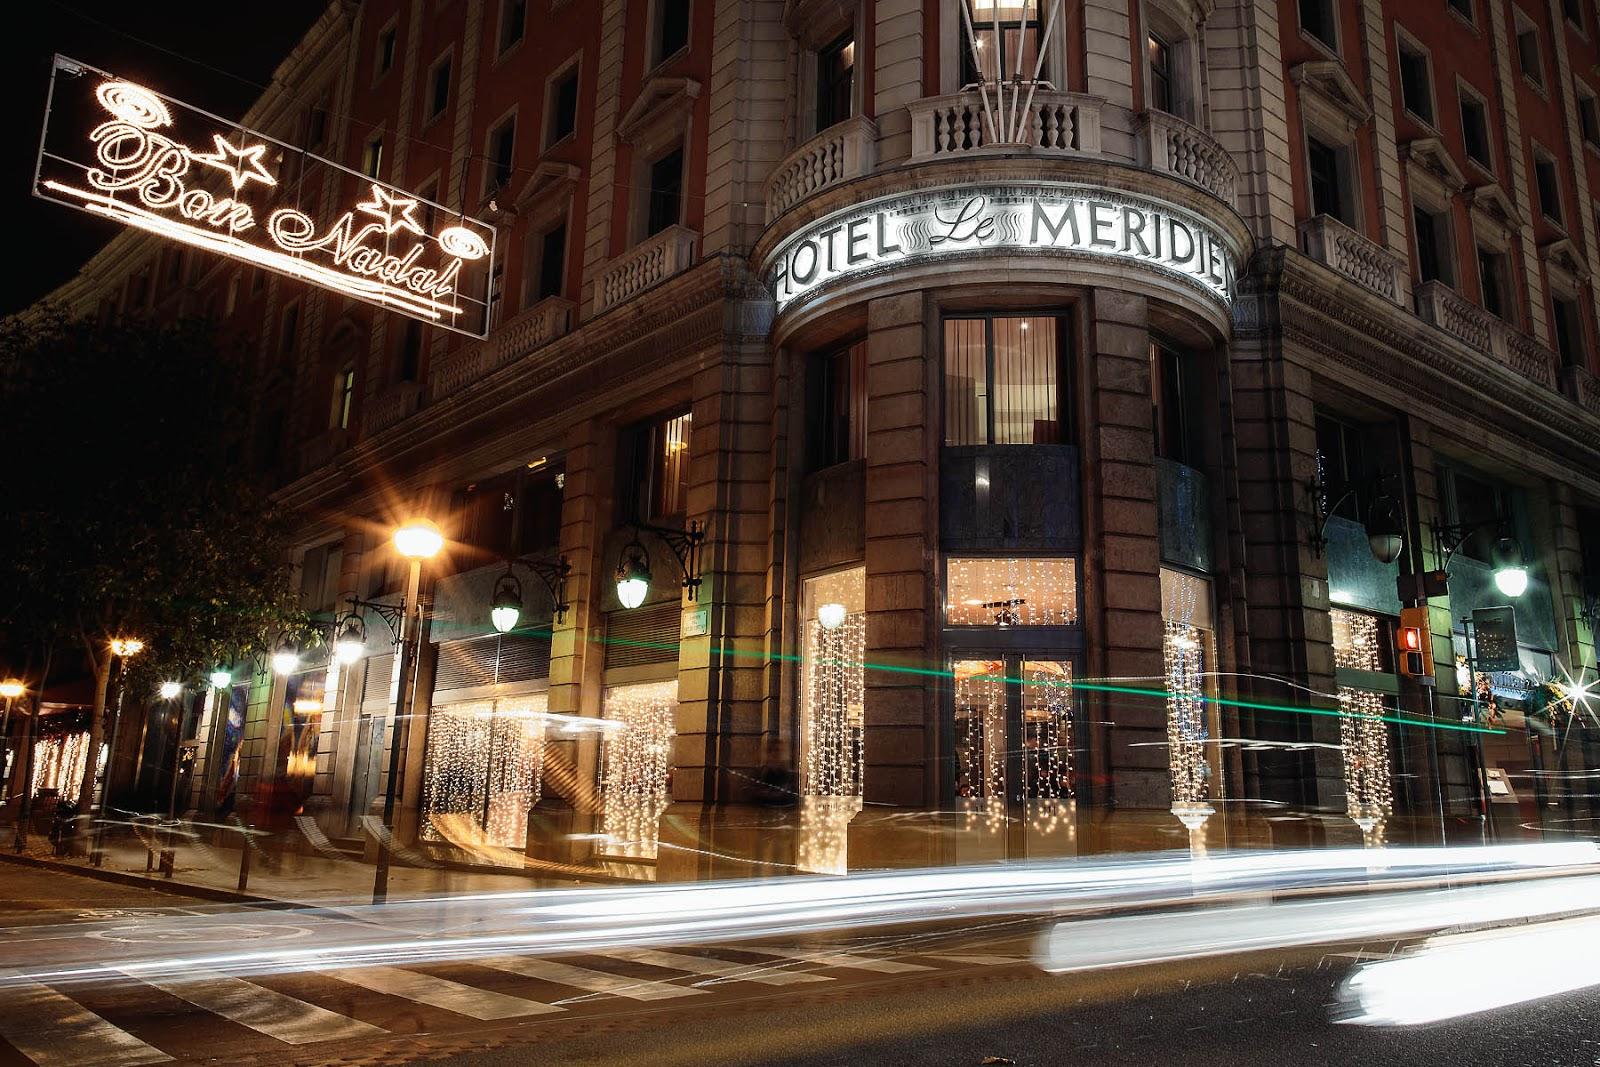 Le Meridien restaurante Barcelona Menu Navidad 2015